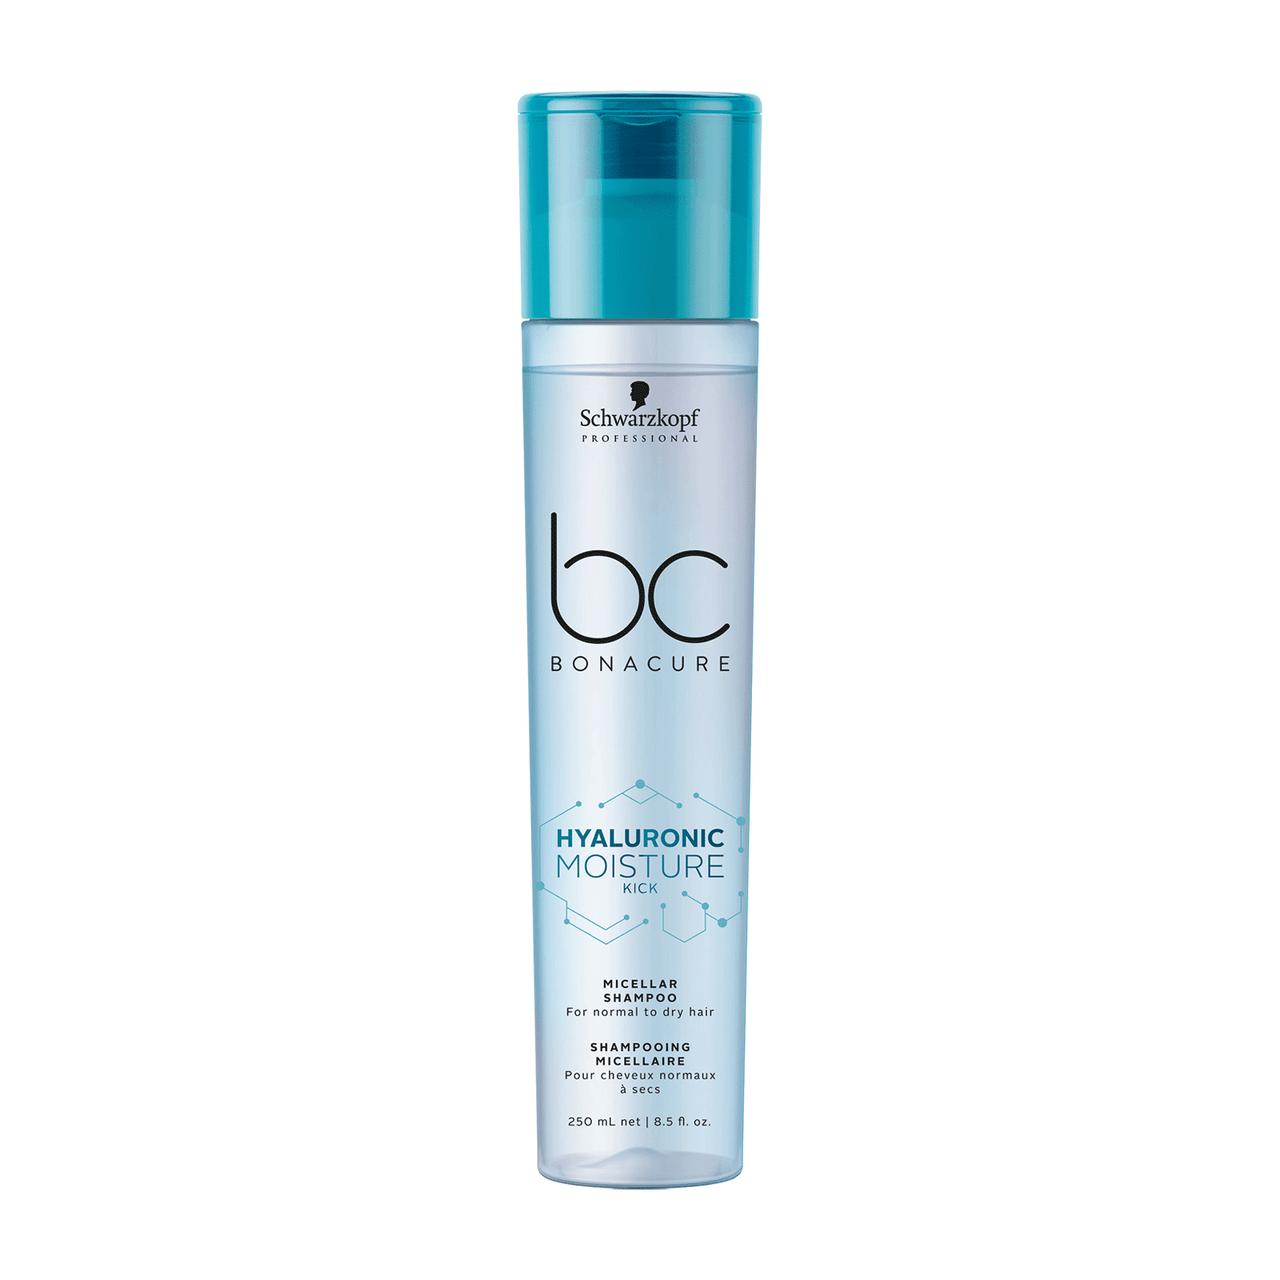 Schwarzkopf Bonacure Hyaluronic Moisture Kick Micellar Shampoo 8.5 Oz